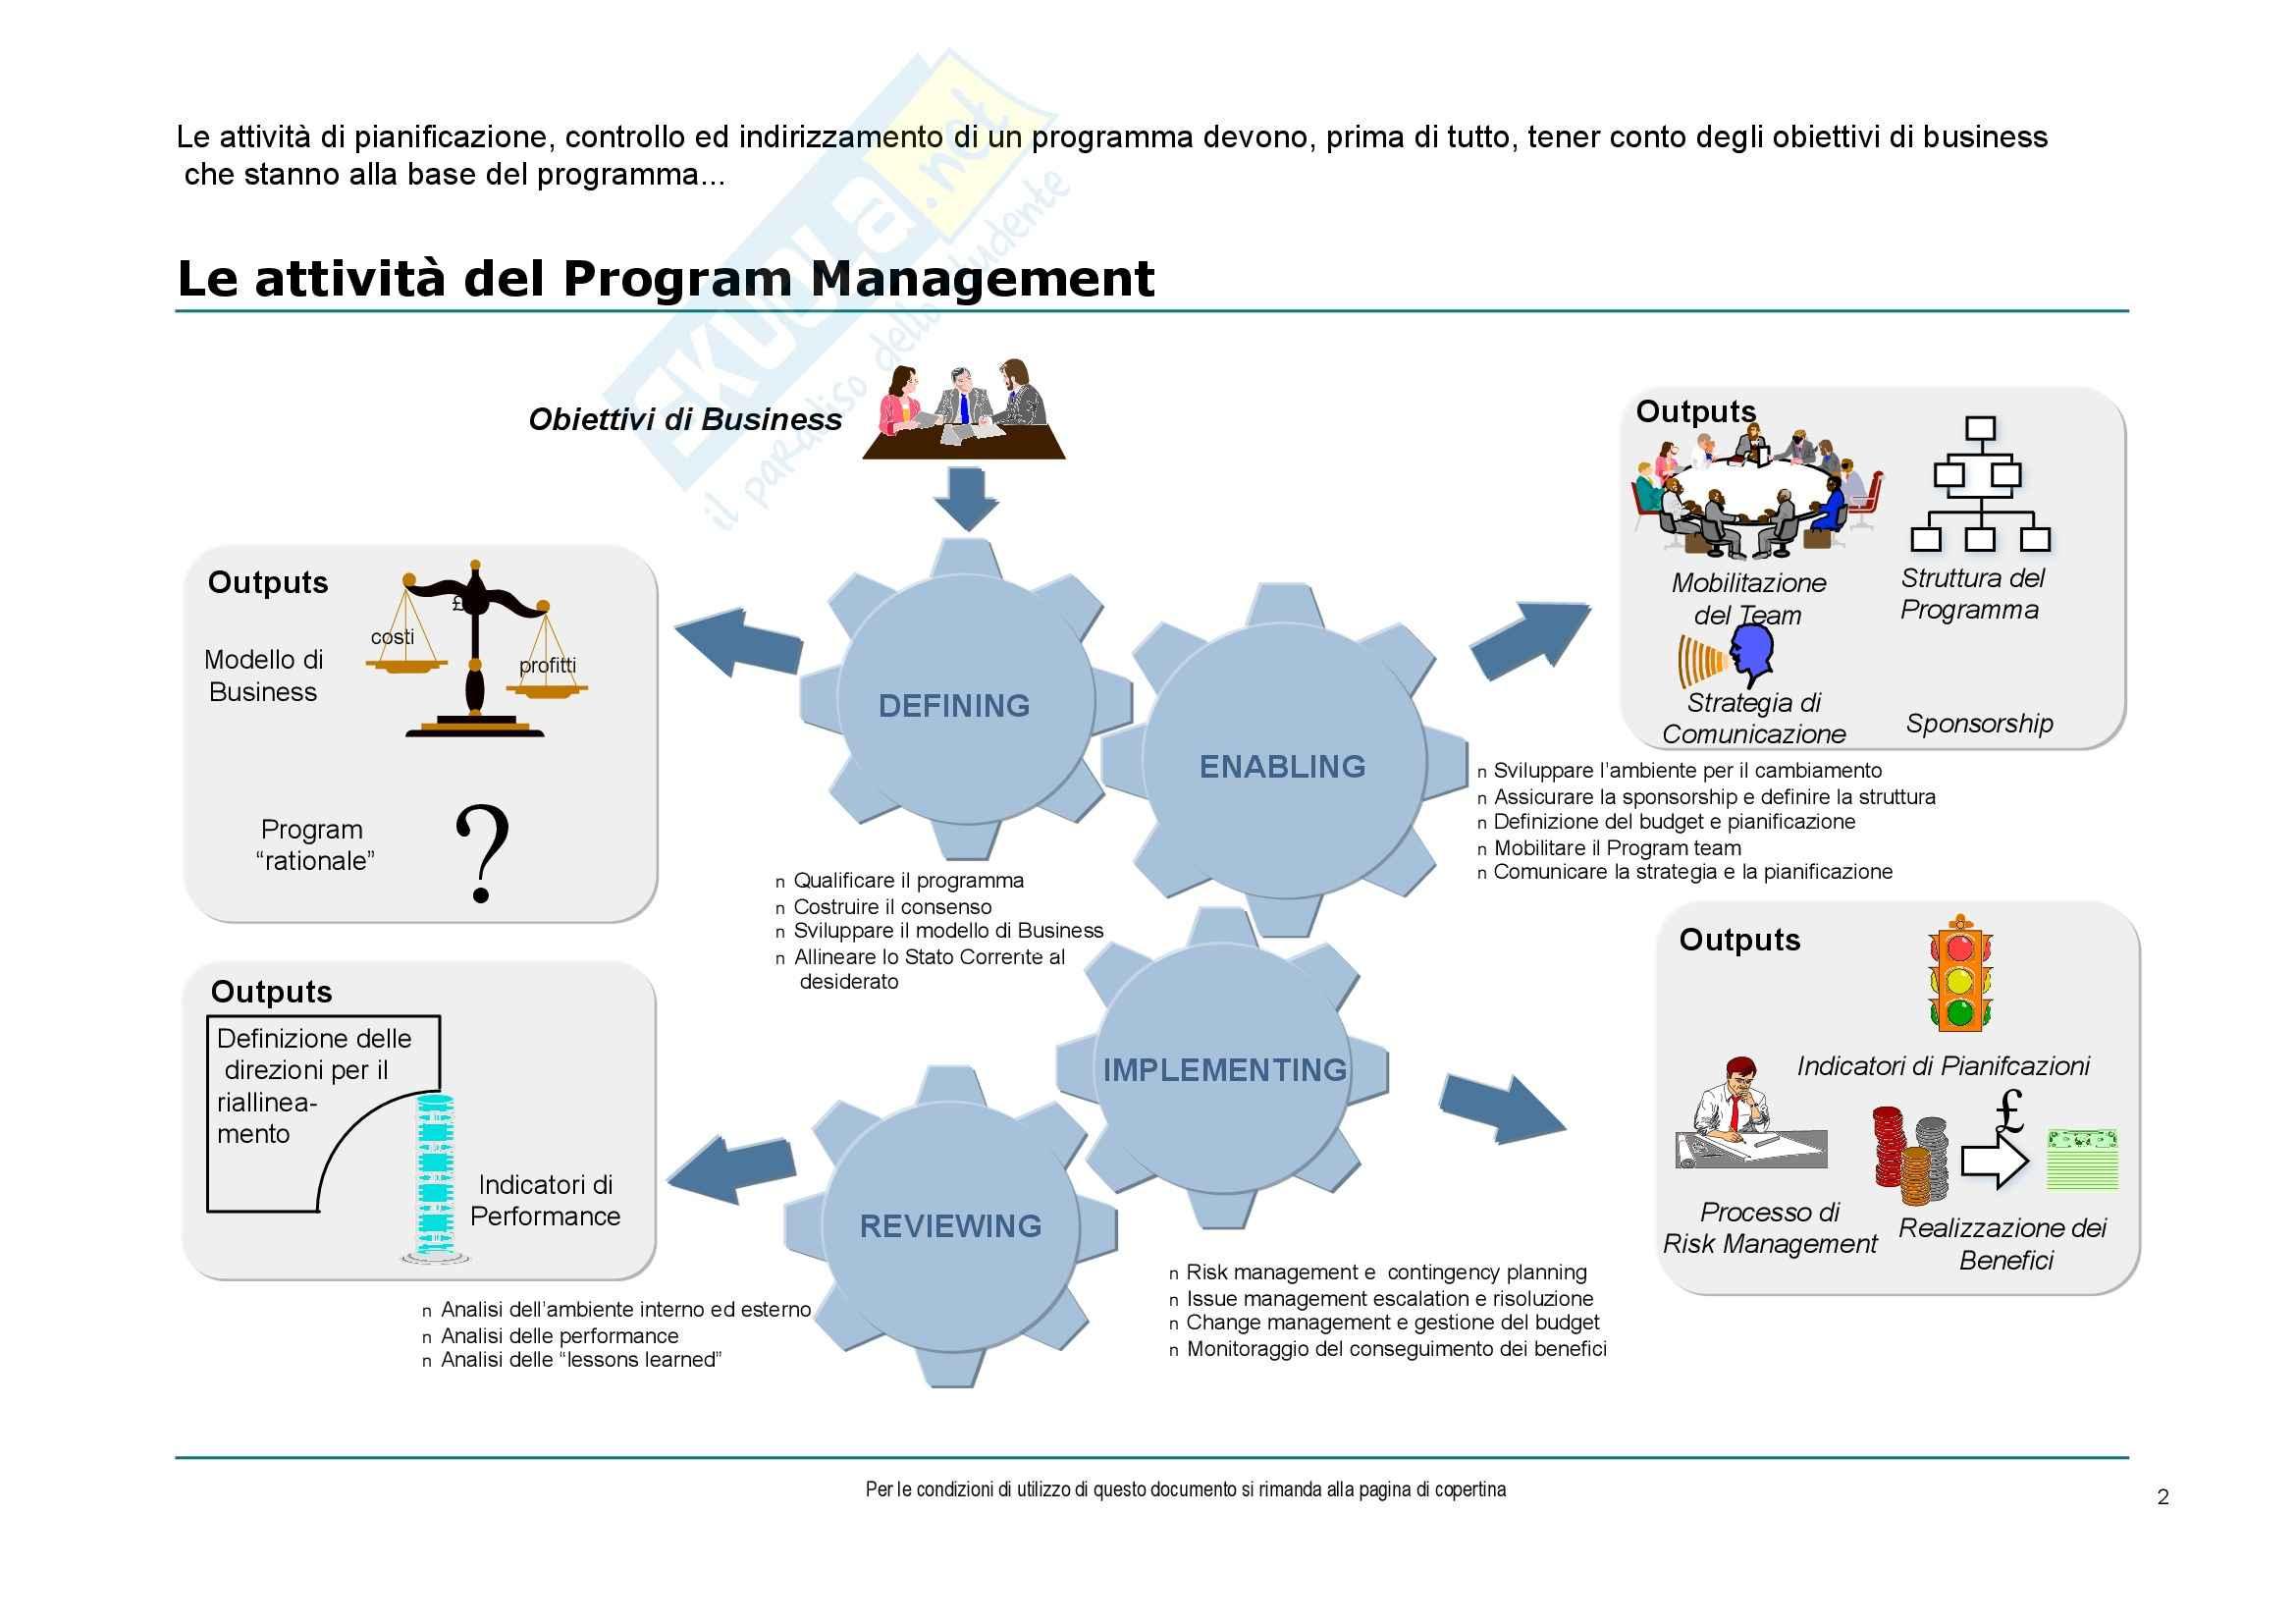 Economia ed organizzazione aziendale - gestione dei progetti Pag. 2